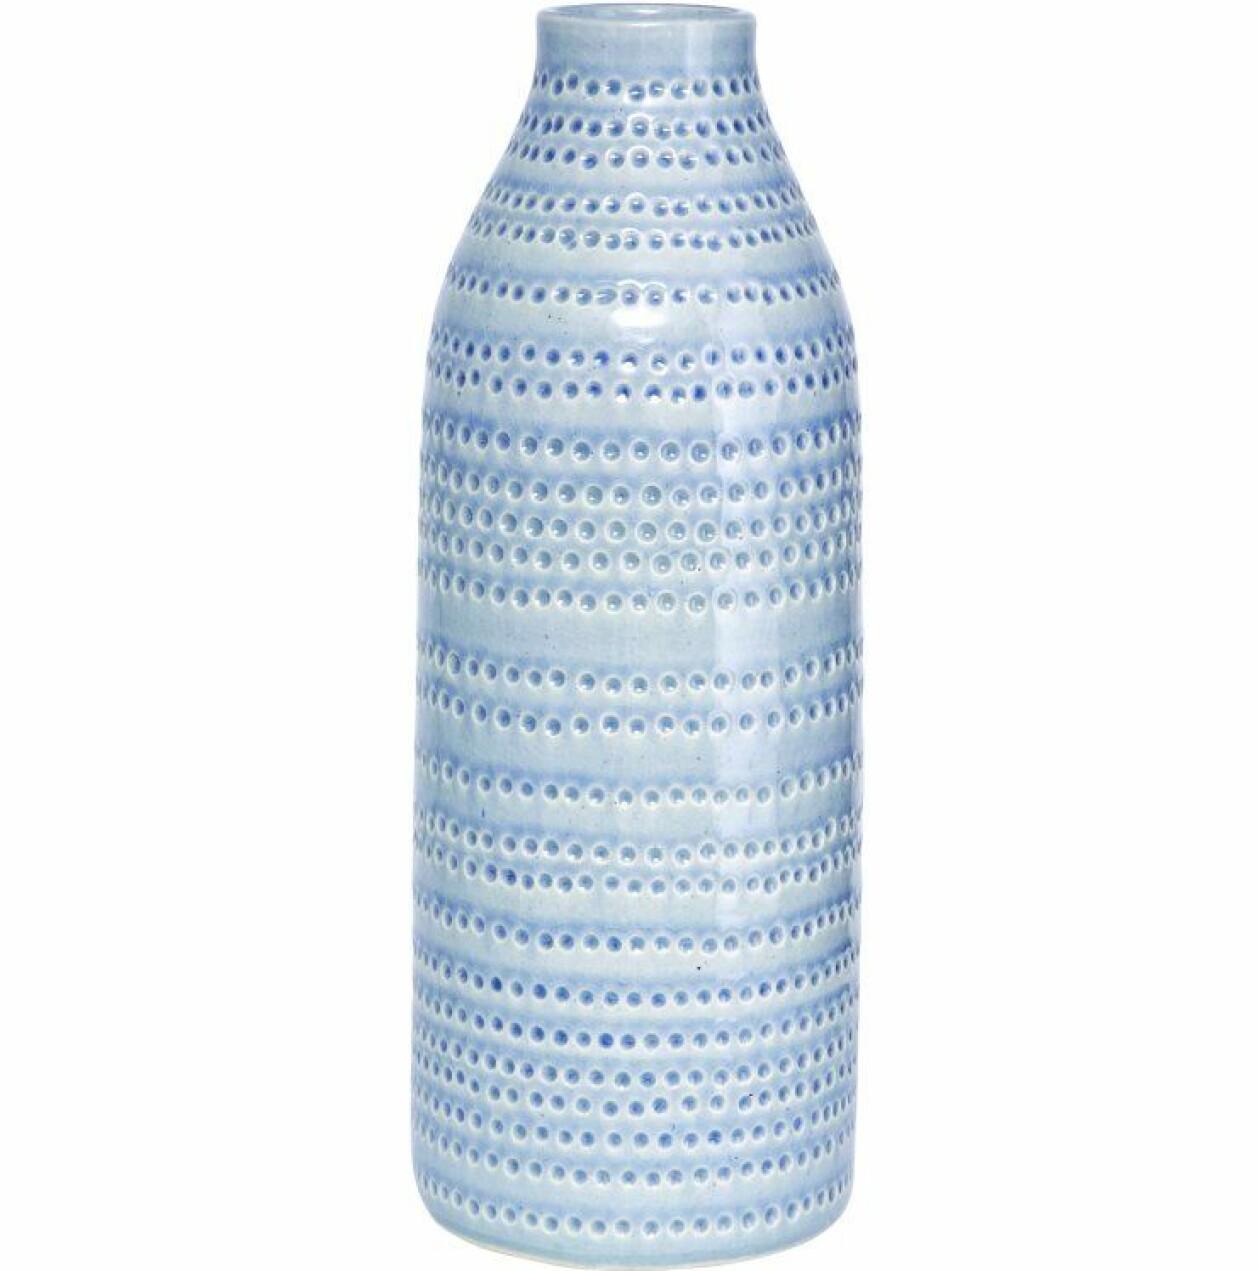 Vas i ljusblå keramik med prickmönster, från House Doctor